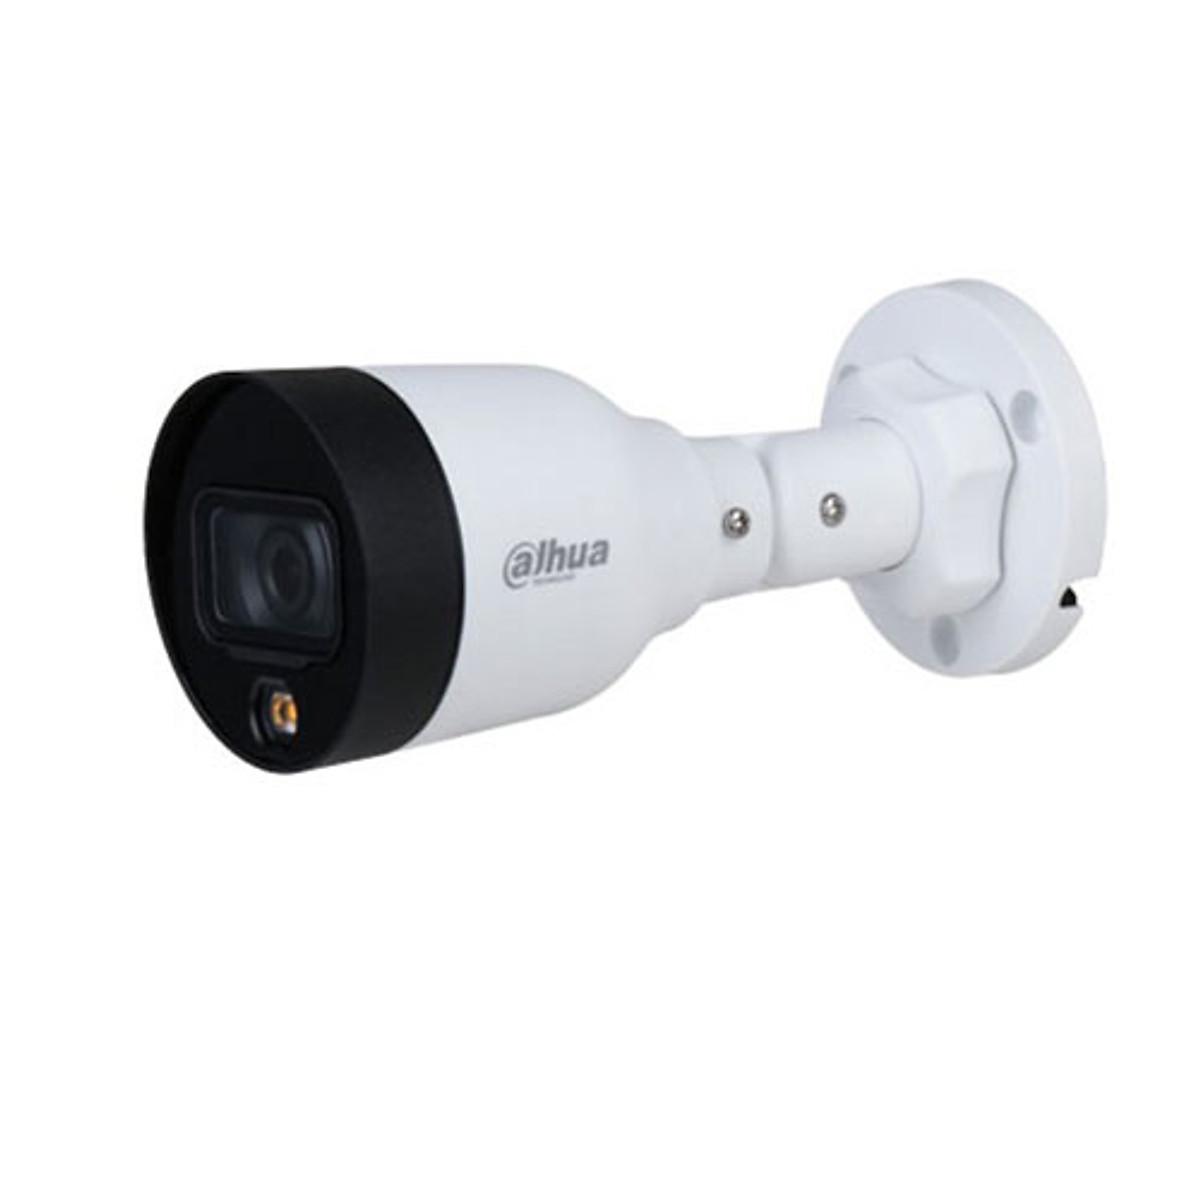 Camera IP Thân 2MP Full-color 24/7  DAHUA DH-IPC-HFW1239S1P-LED-S4 – Hàng Chính Hãng